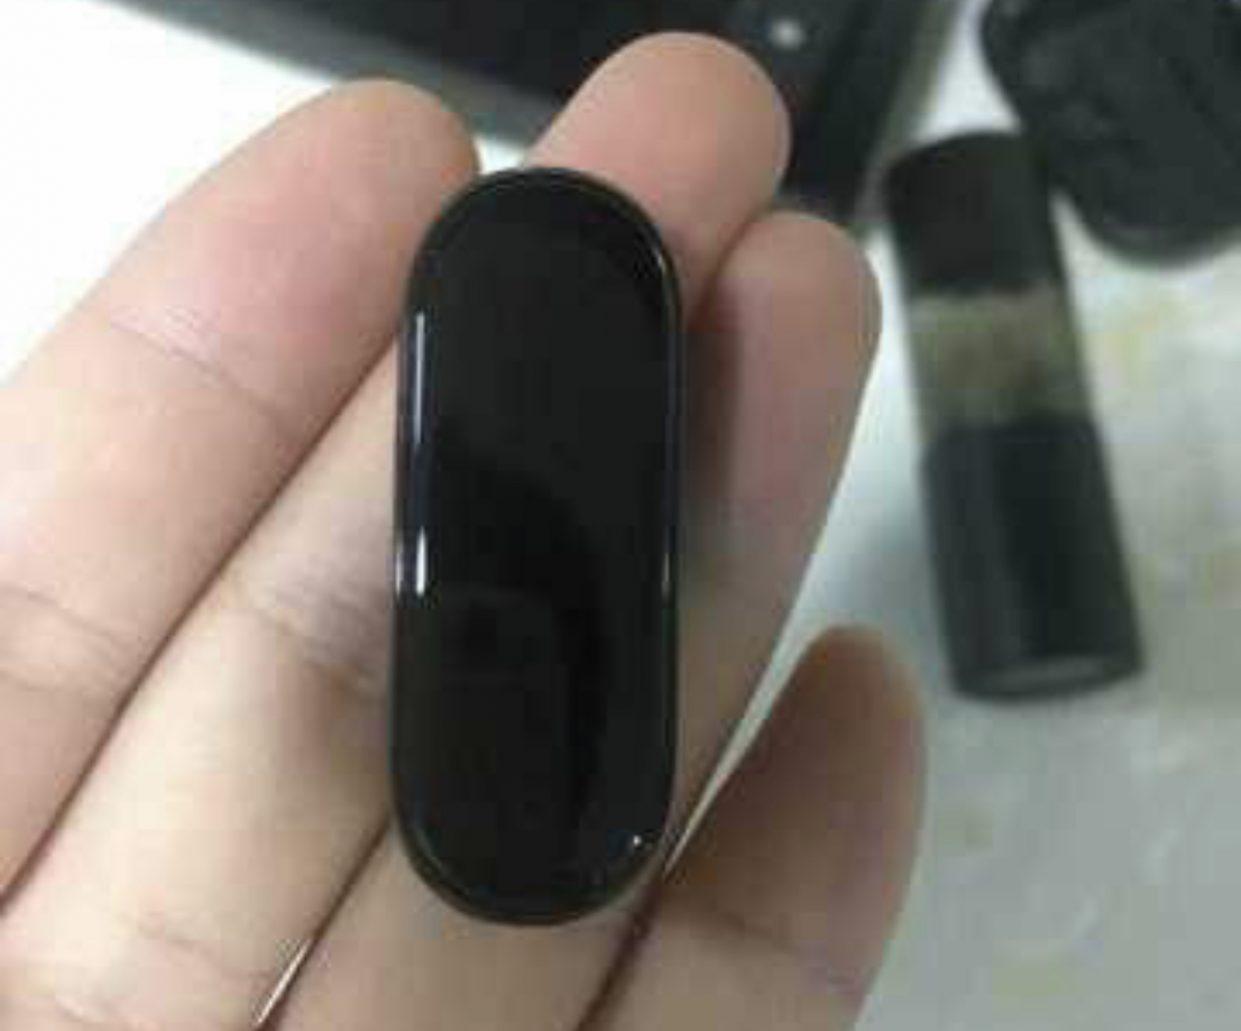 Рабочий Xiaomi Mi Band 4 впервые показали на фото